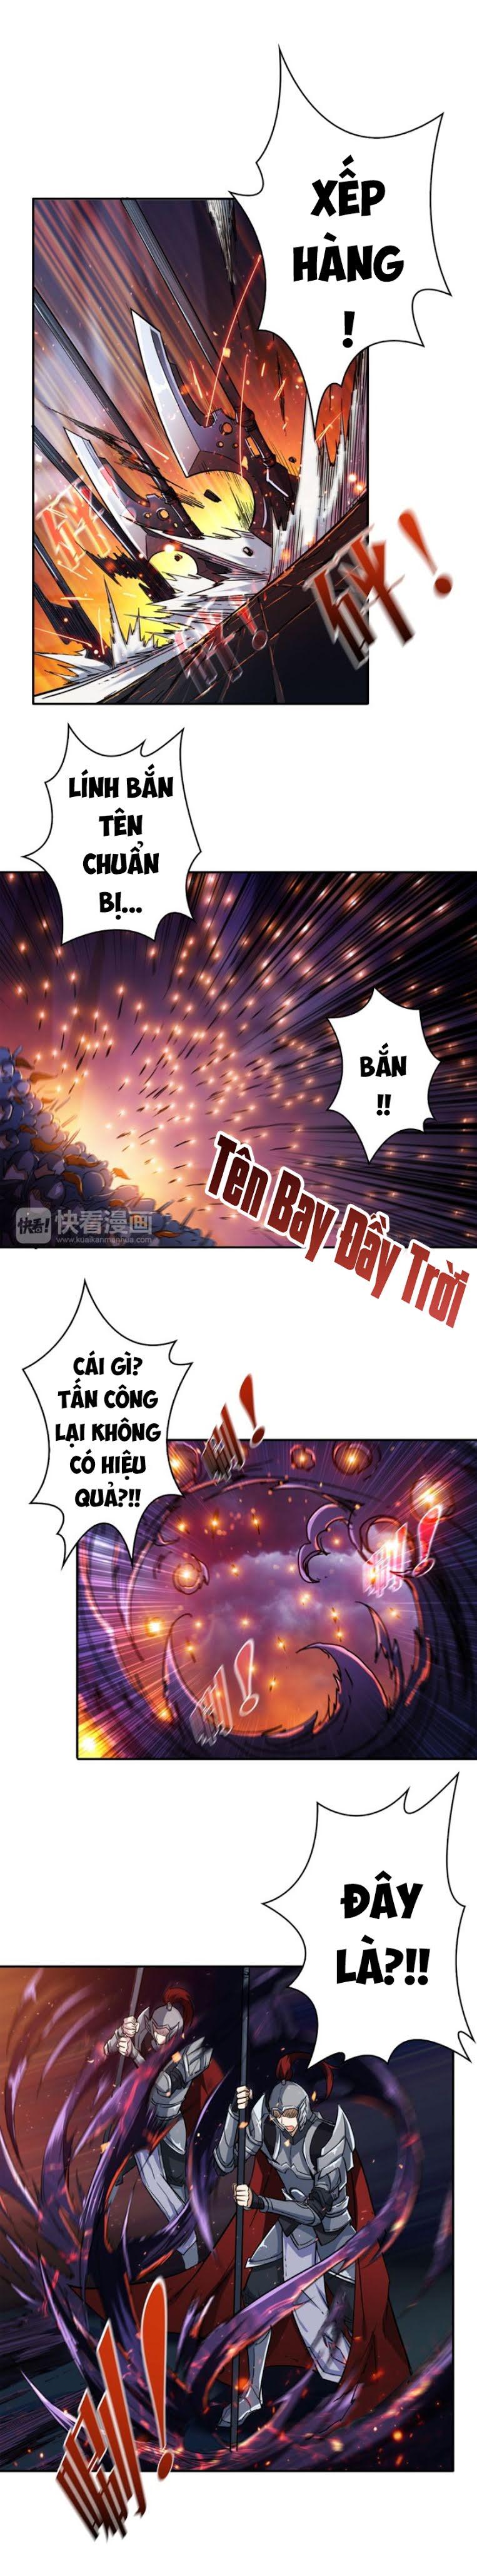 Phệ Thần Kỷ - Chap 0